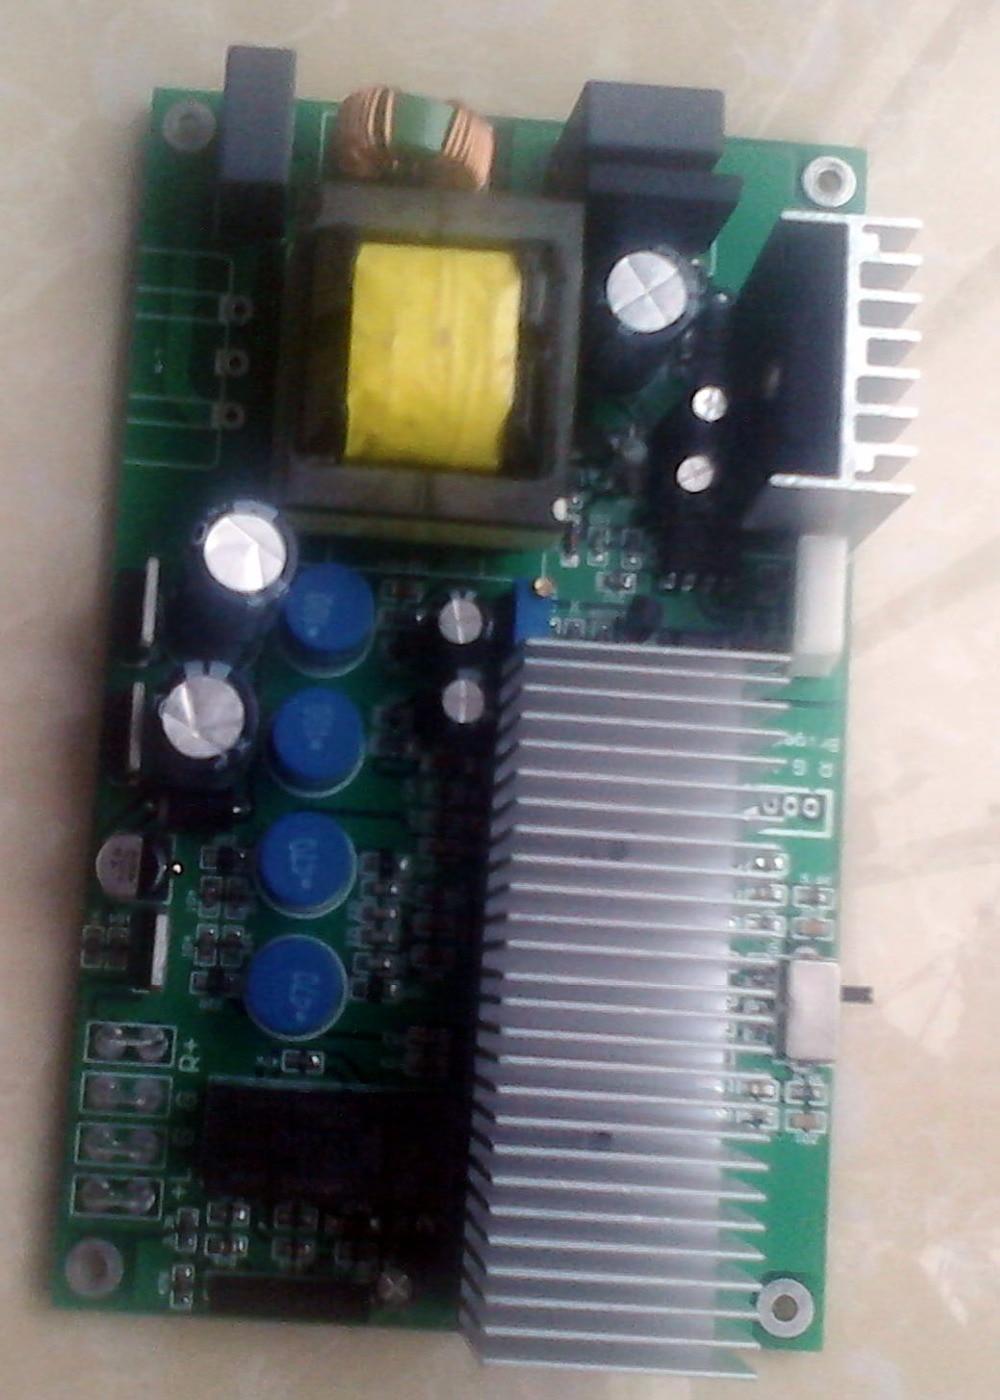 TDA8920 Digital Power Amplifier + On-board Switching Power Supply, Class D Power Amplifier, HIFI Power Amplifier